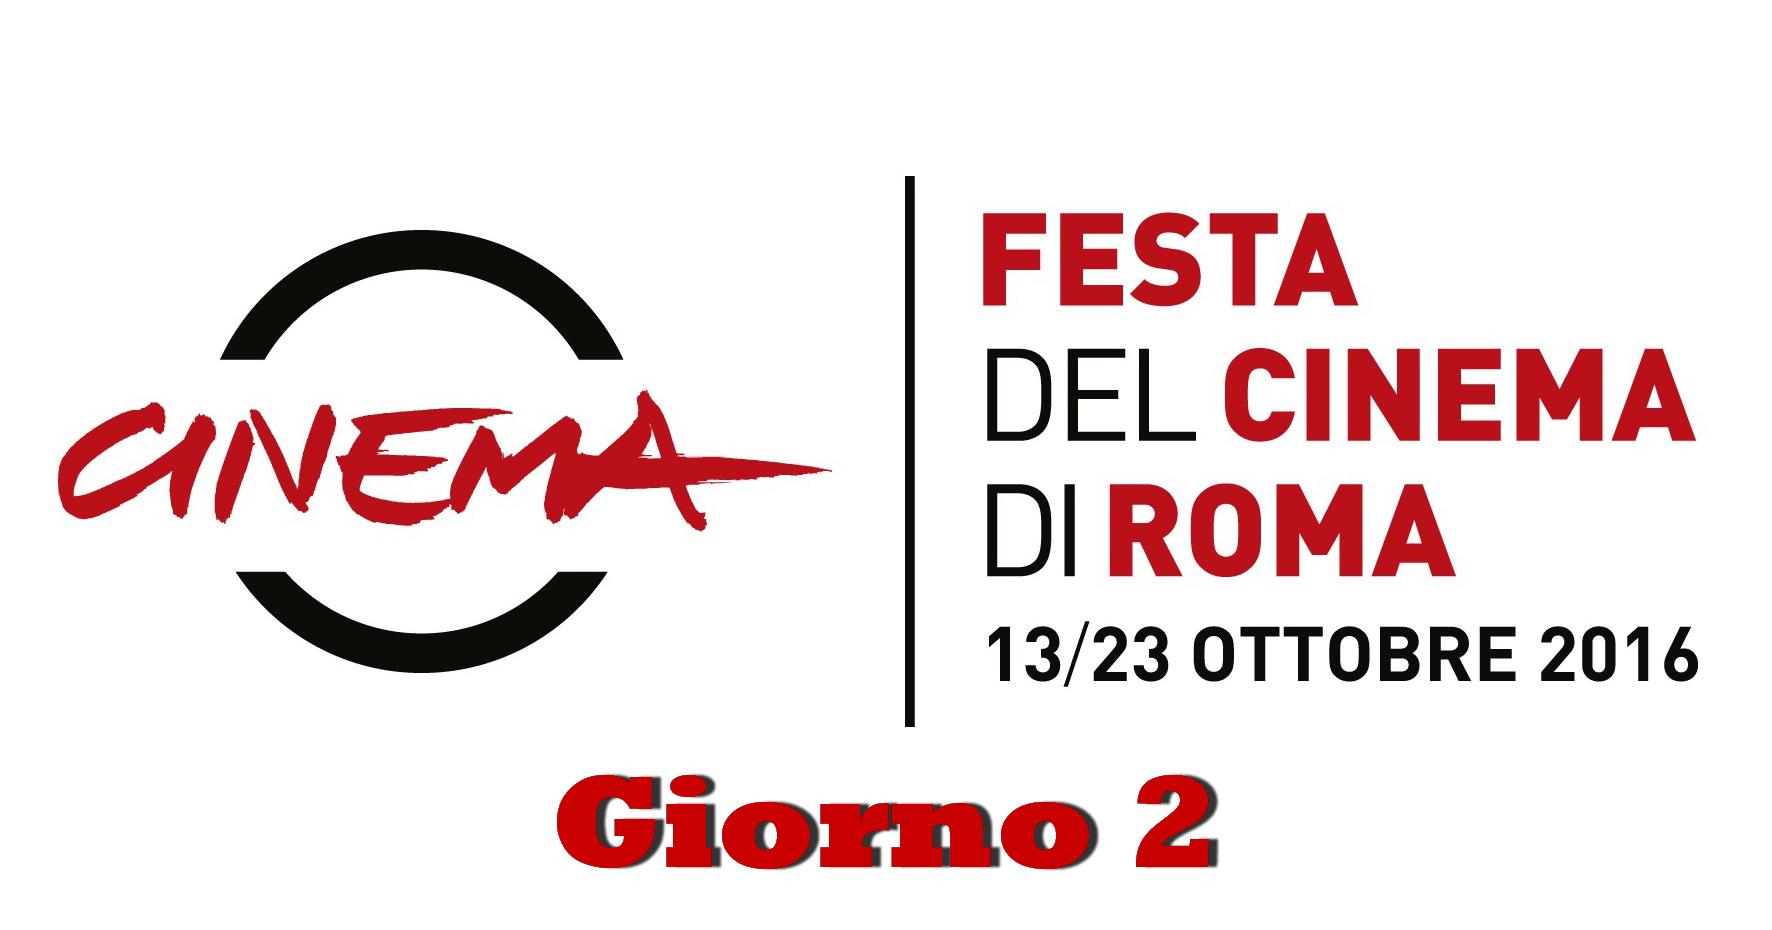 Si è conclusa anchela seconda giornata dell'11a Festa del Cinema di Roma, all'Auditorium Parco della Musica. Protagonista assoluto della giornata il grande registaOliver Stone, vincitore di tre Oscar perPlatoon, Nato […]